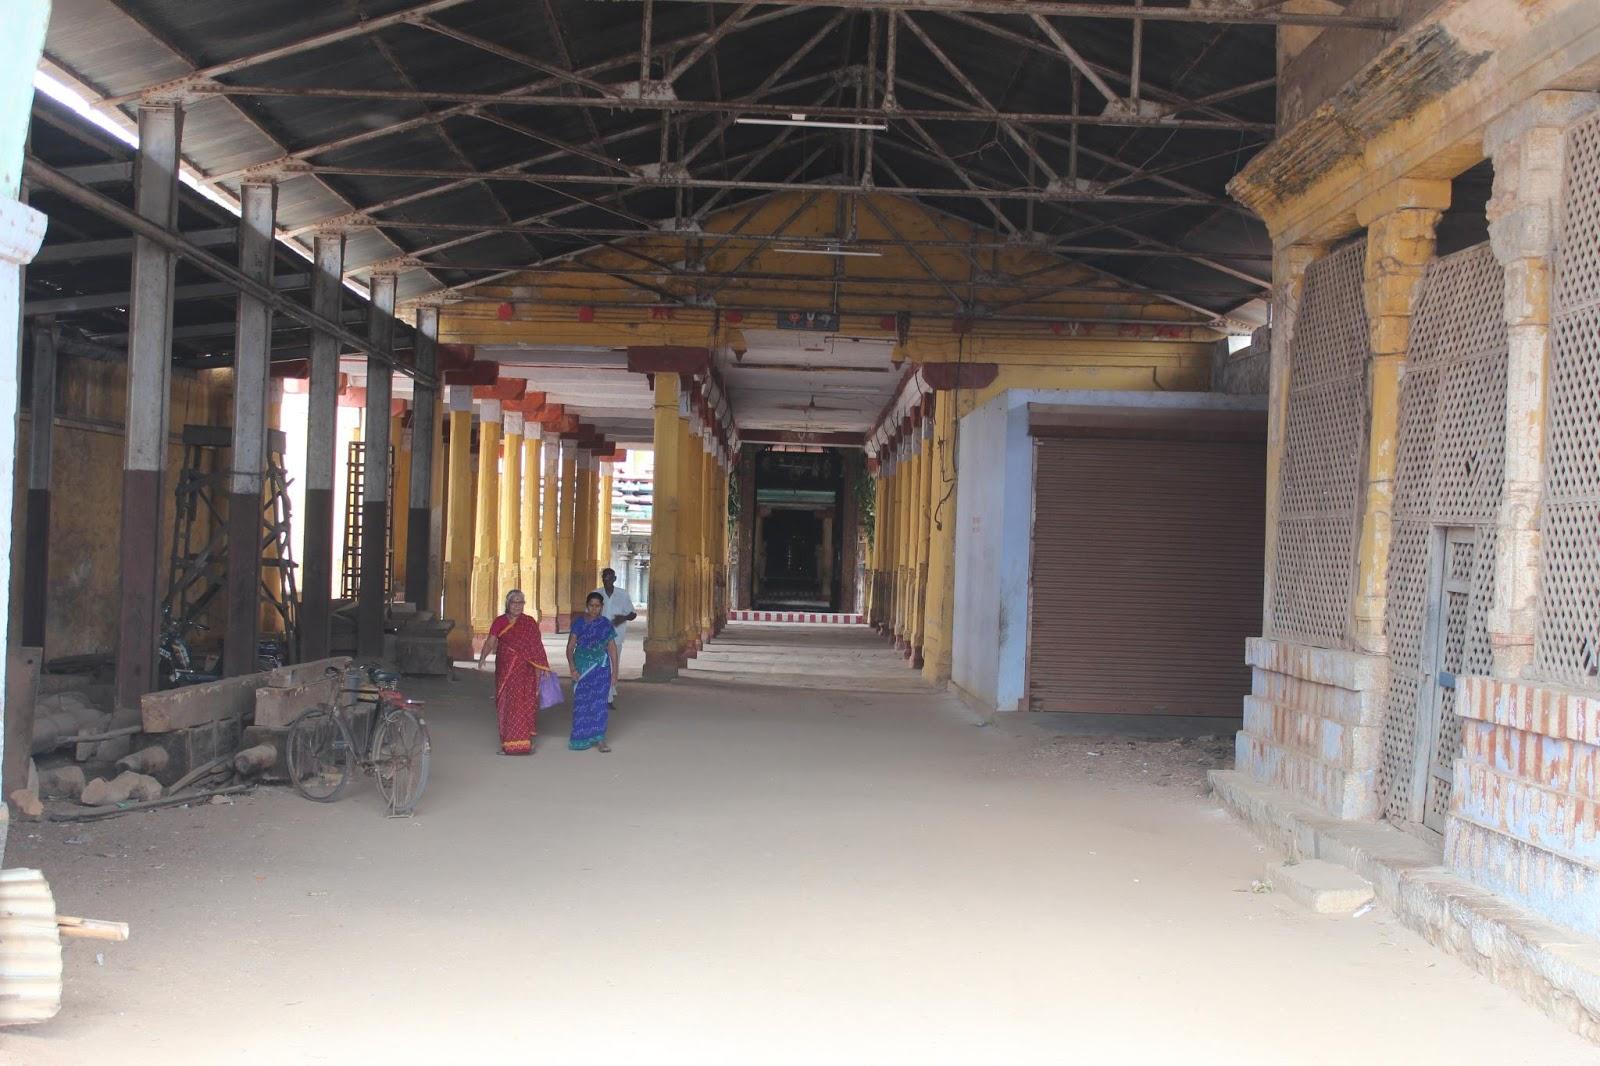 Tamilnadu Tourism: April 2017